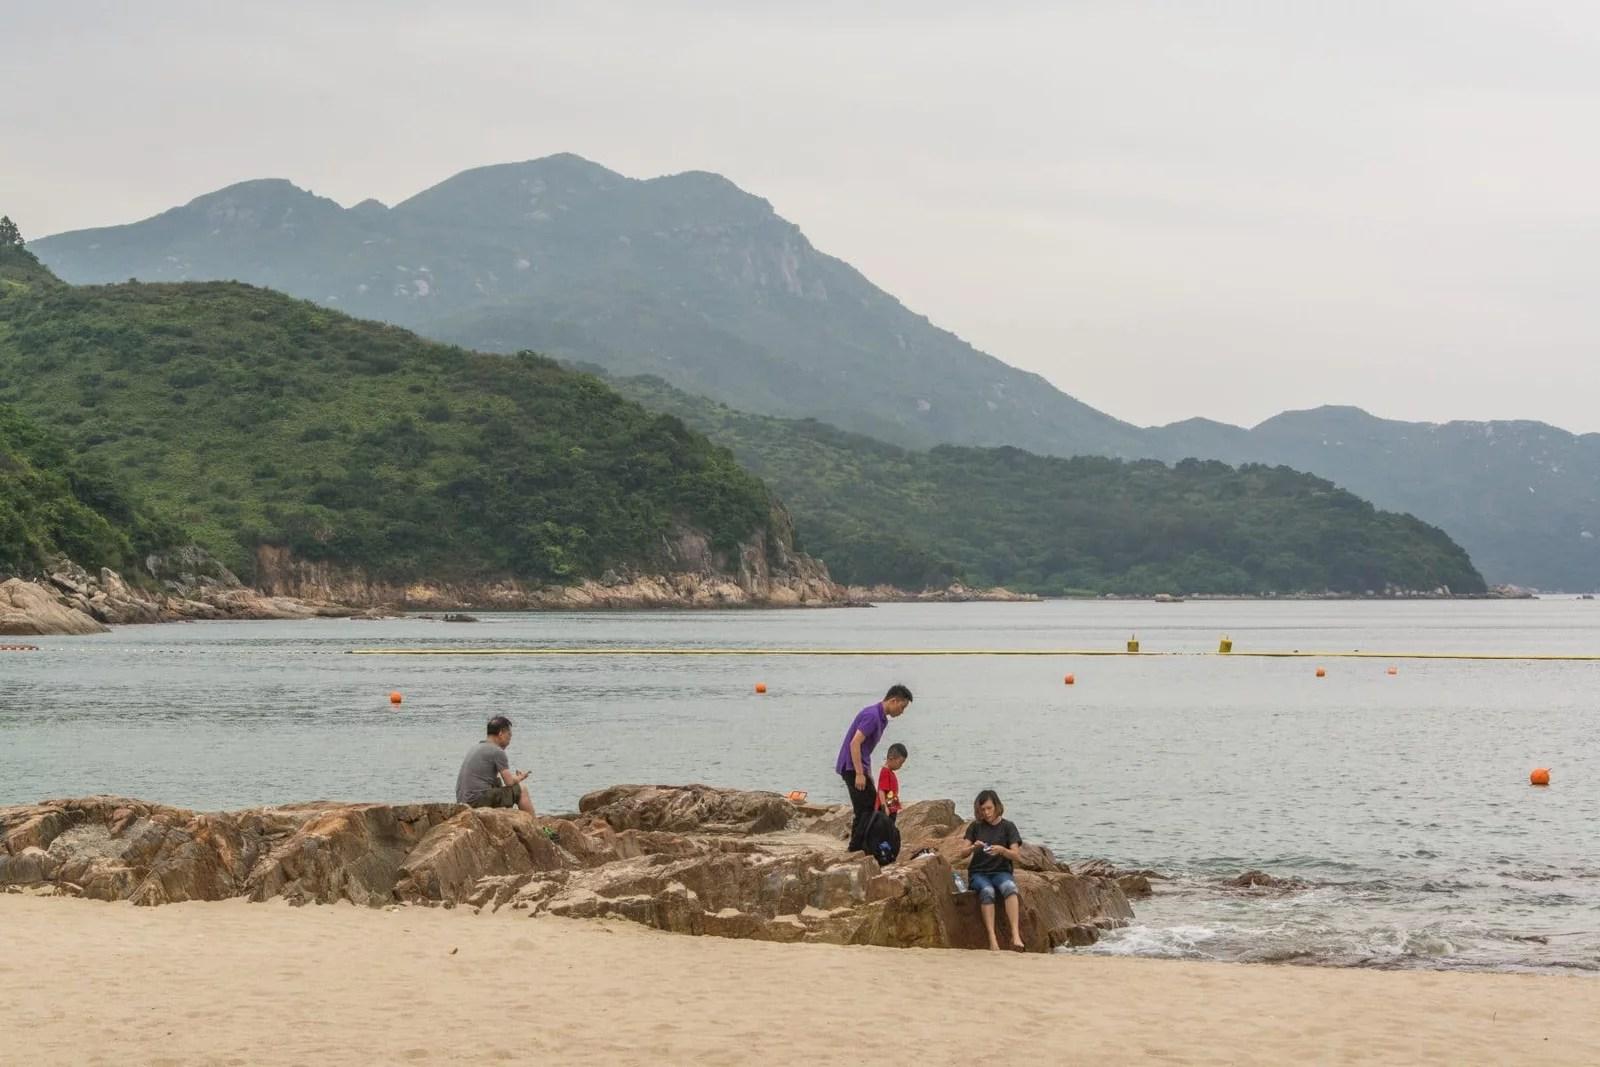 plage hung shing ye - ile lamma - hong kong